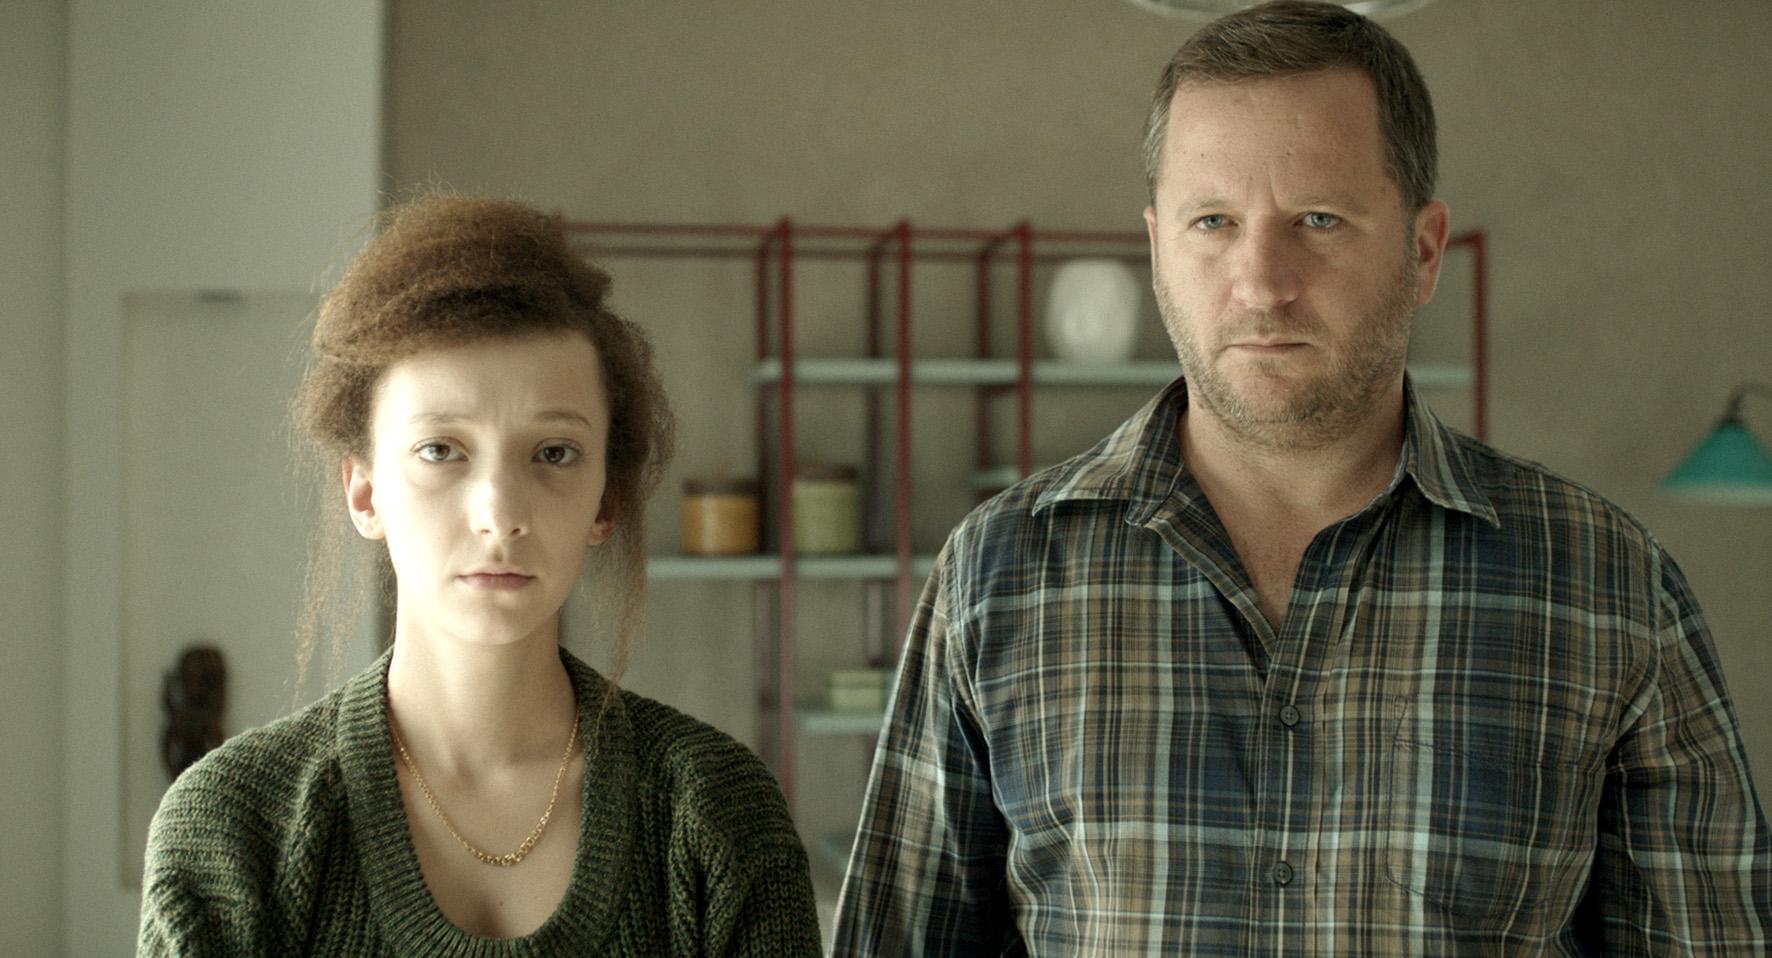 «5η Εβδομάδα Ισραηλινού Κινηματογράφου» στην Αίθουσα Τζον Κασσαβέτης